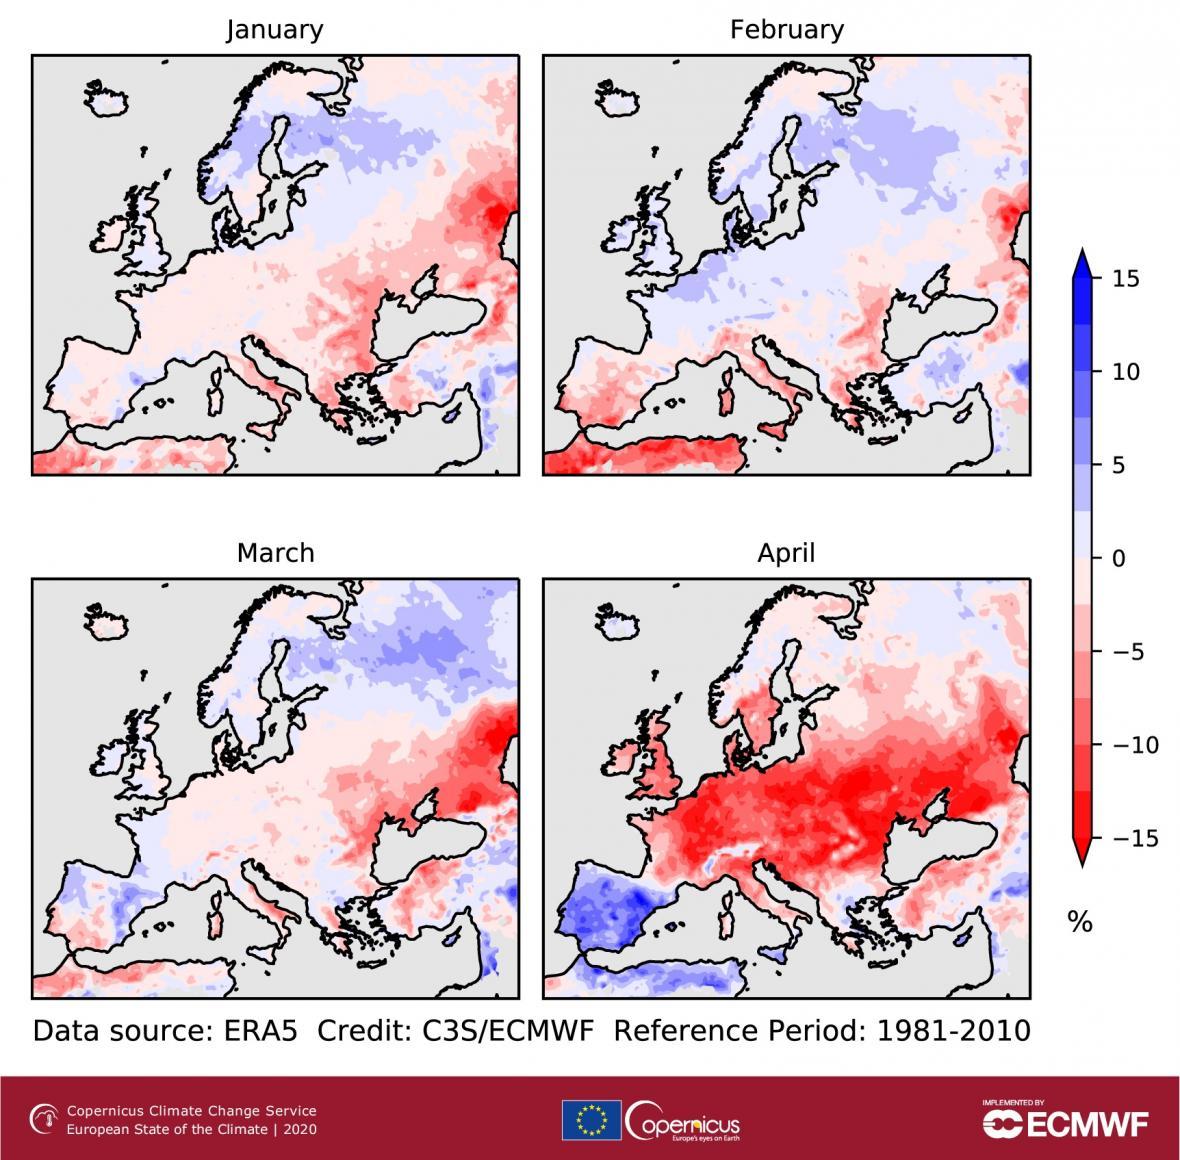 Odchylky půdní vlhkosti (%) za leden až duben 2020 ve srovnání s příslušným měsíčním průměrem pro roky 1981–2010